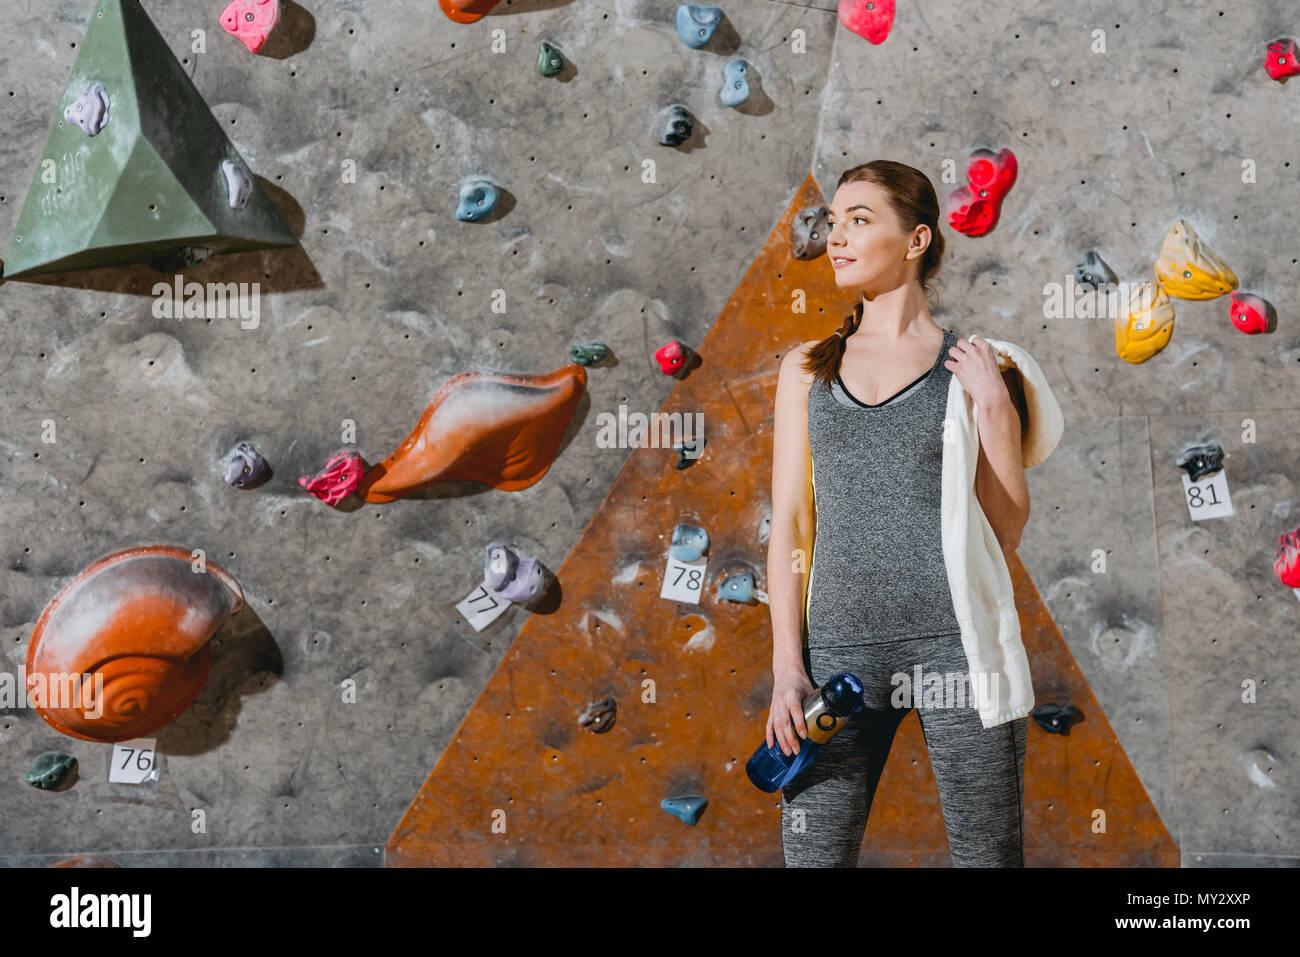 Coup de demi-longueur d'une jeune femme dans une tenue sportive posant devant un mur d'escalade Photo Stock